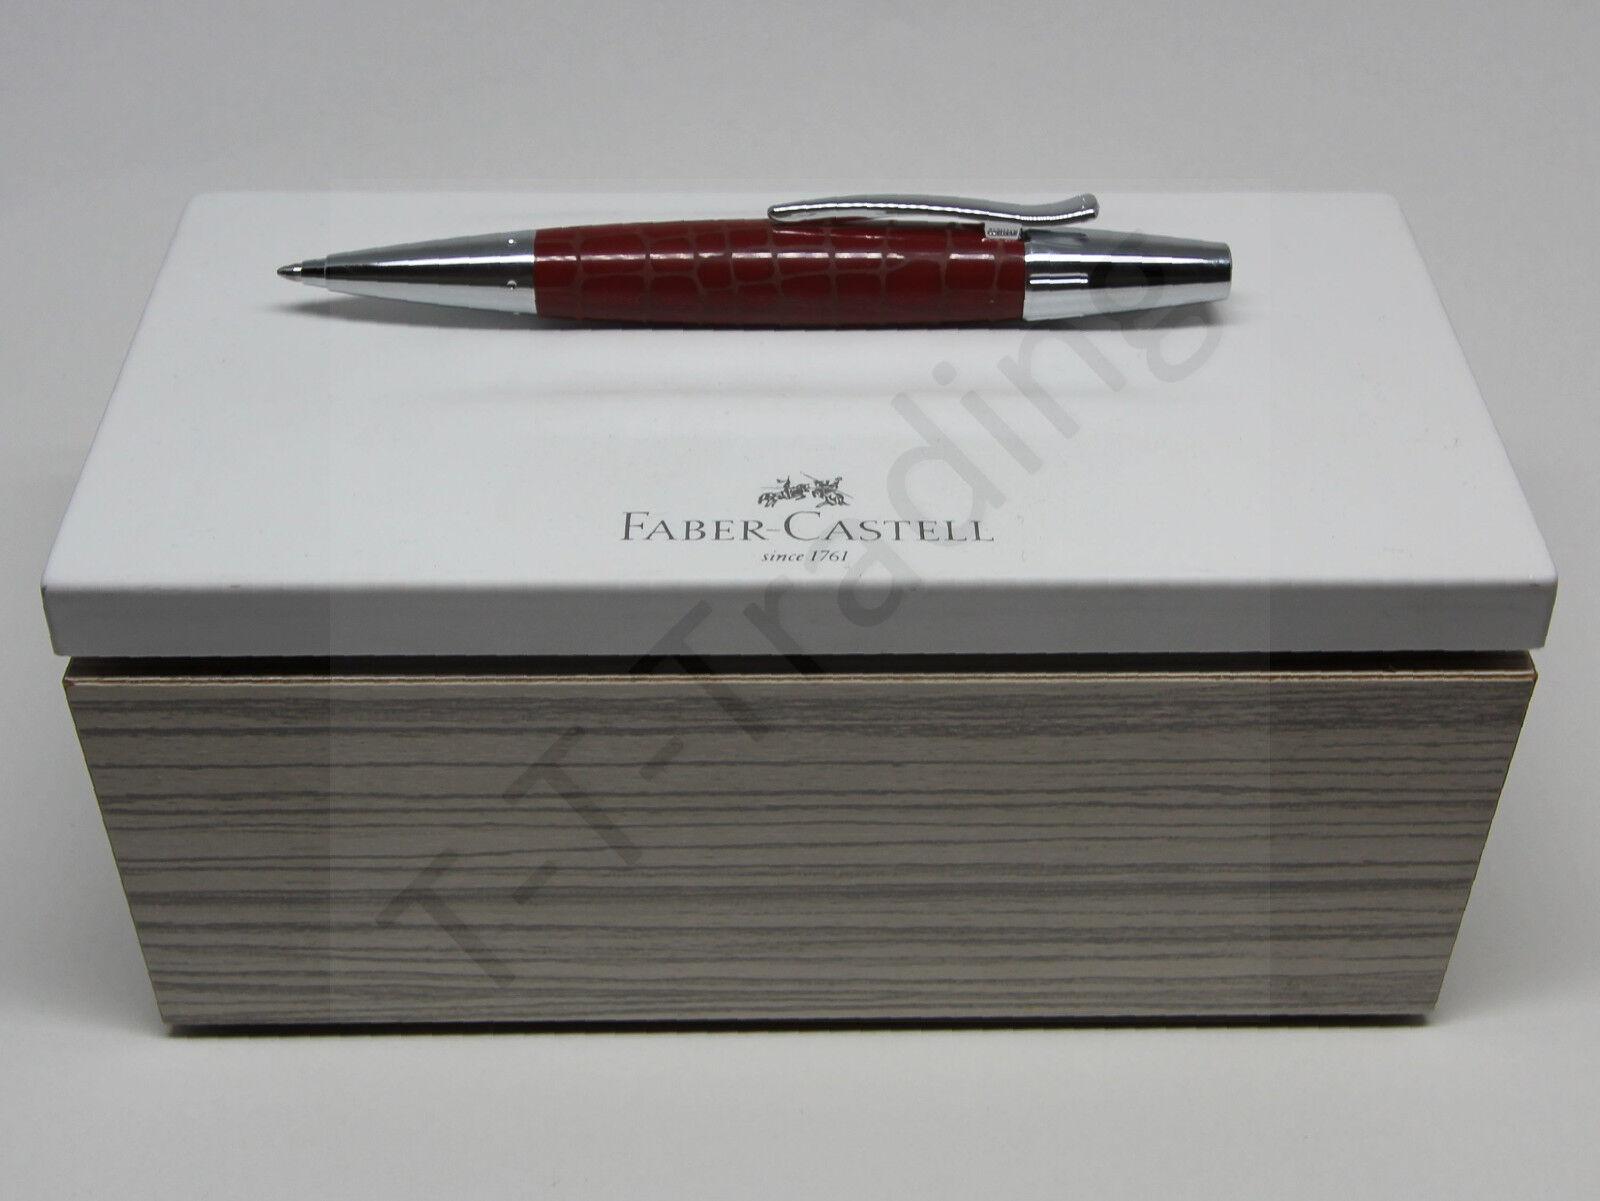 Faber-Castell Drehkugelschreiber E-MOTION Kroko Hibiskusrot inkl Geschenkverp.